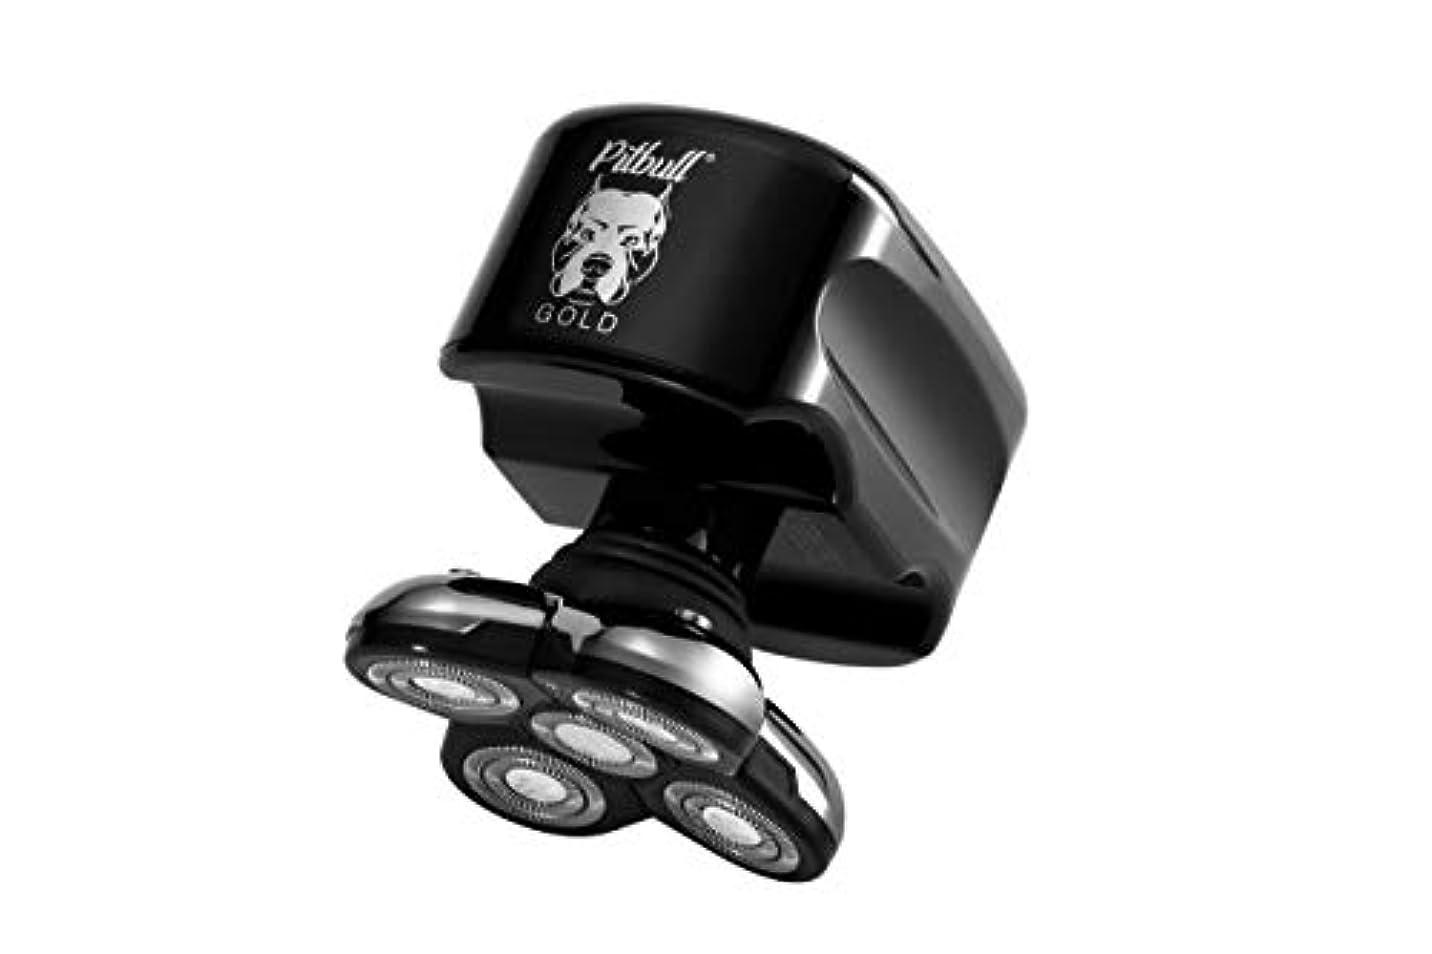 信者火曜日キャストSkull Shaver (スカルシェーバー) メンズシェーバー 5つの回転刃の 電動シェーバー (ゴールド)